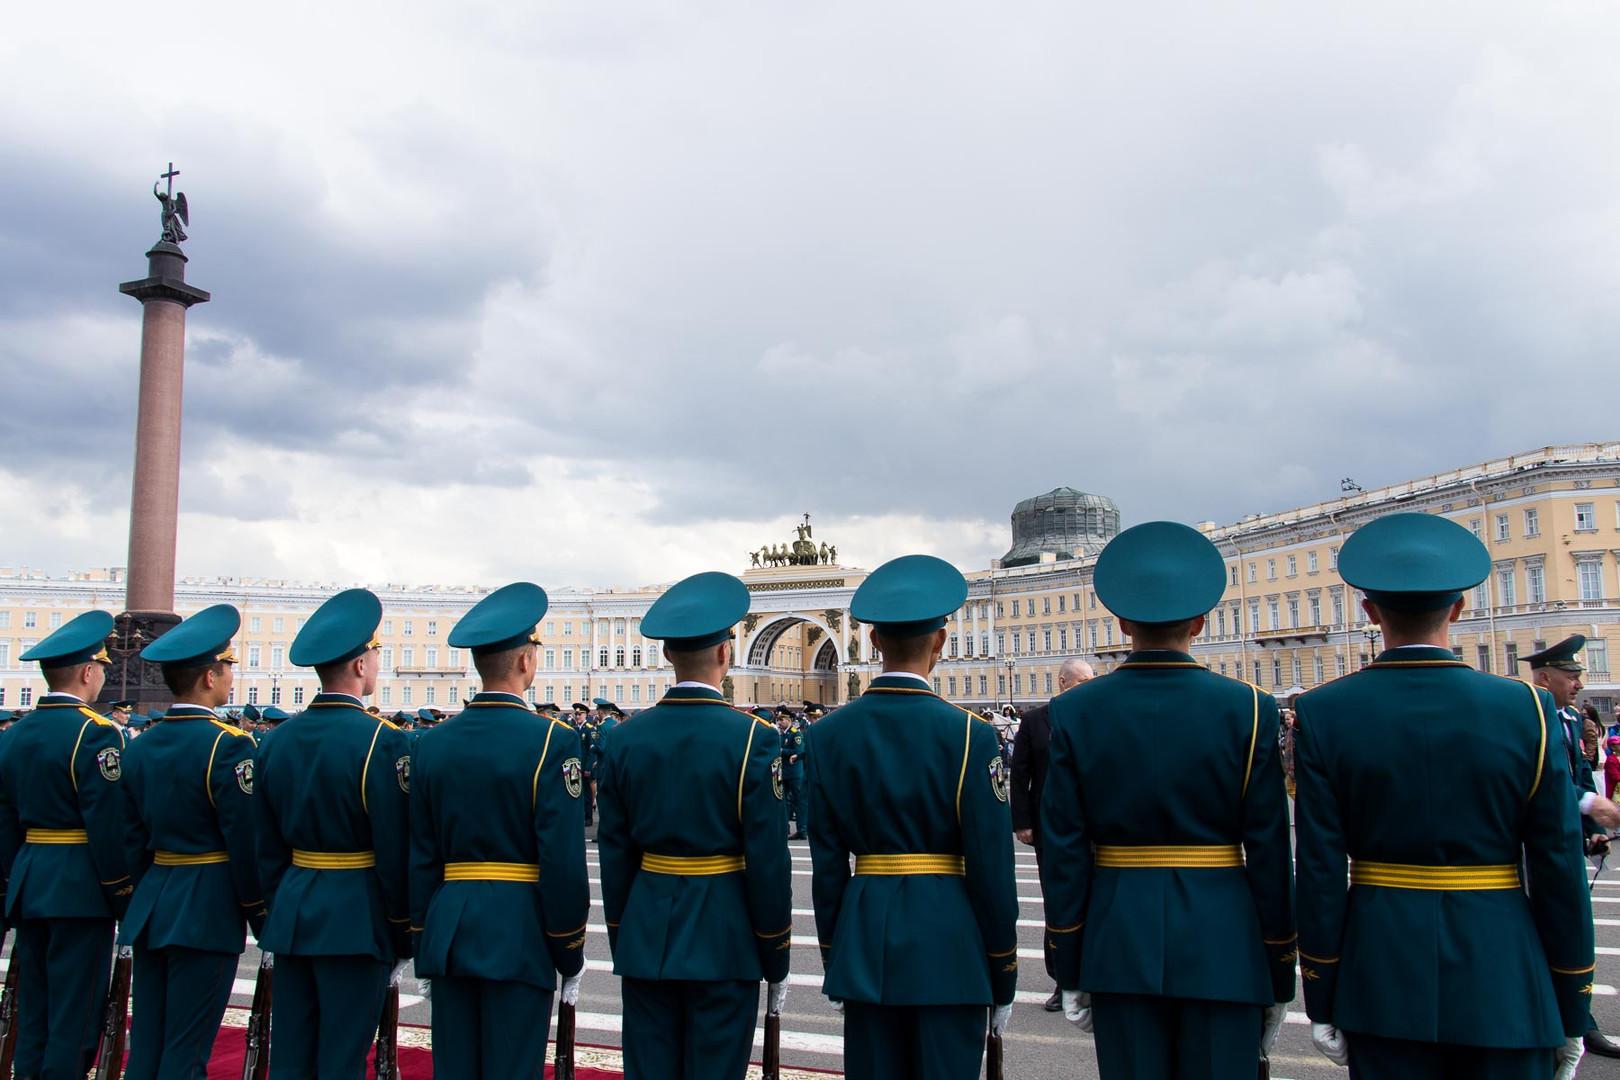 St. Petersburg, 2017